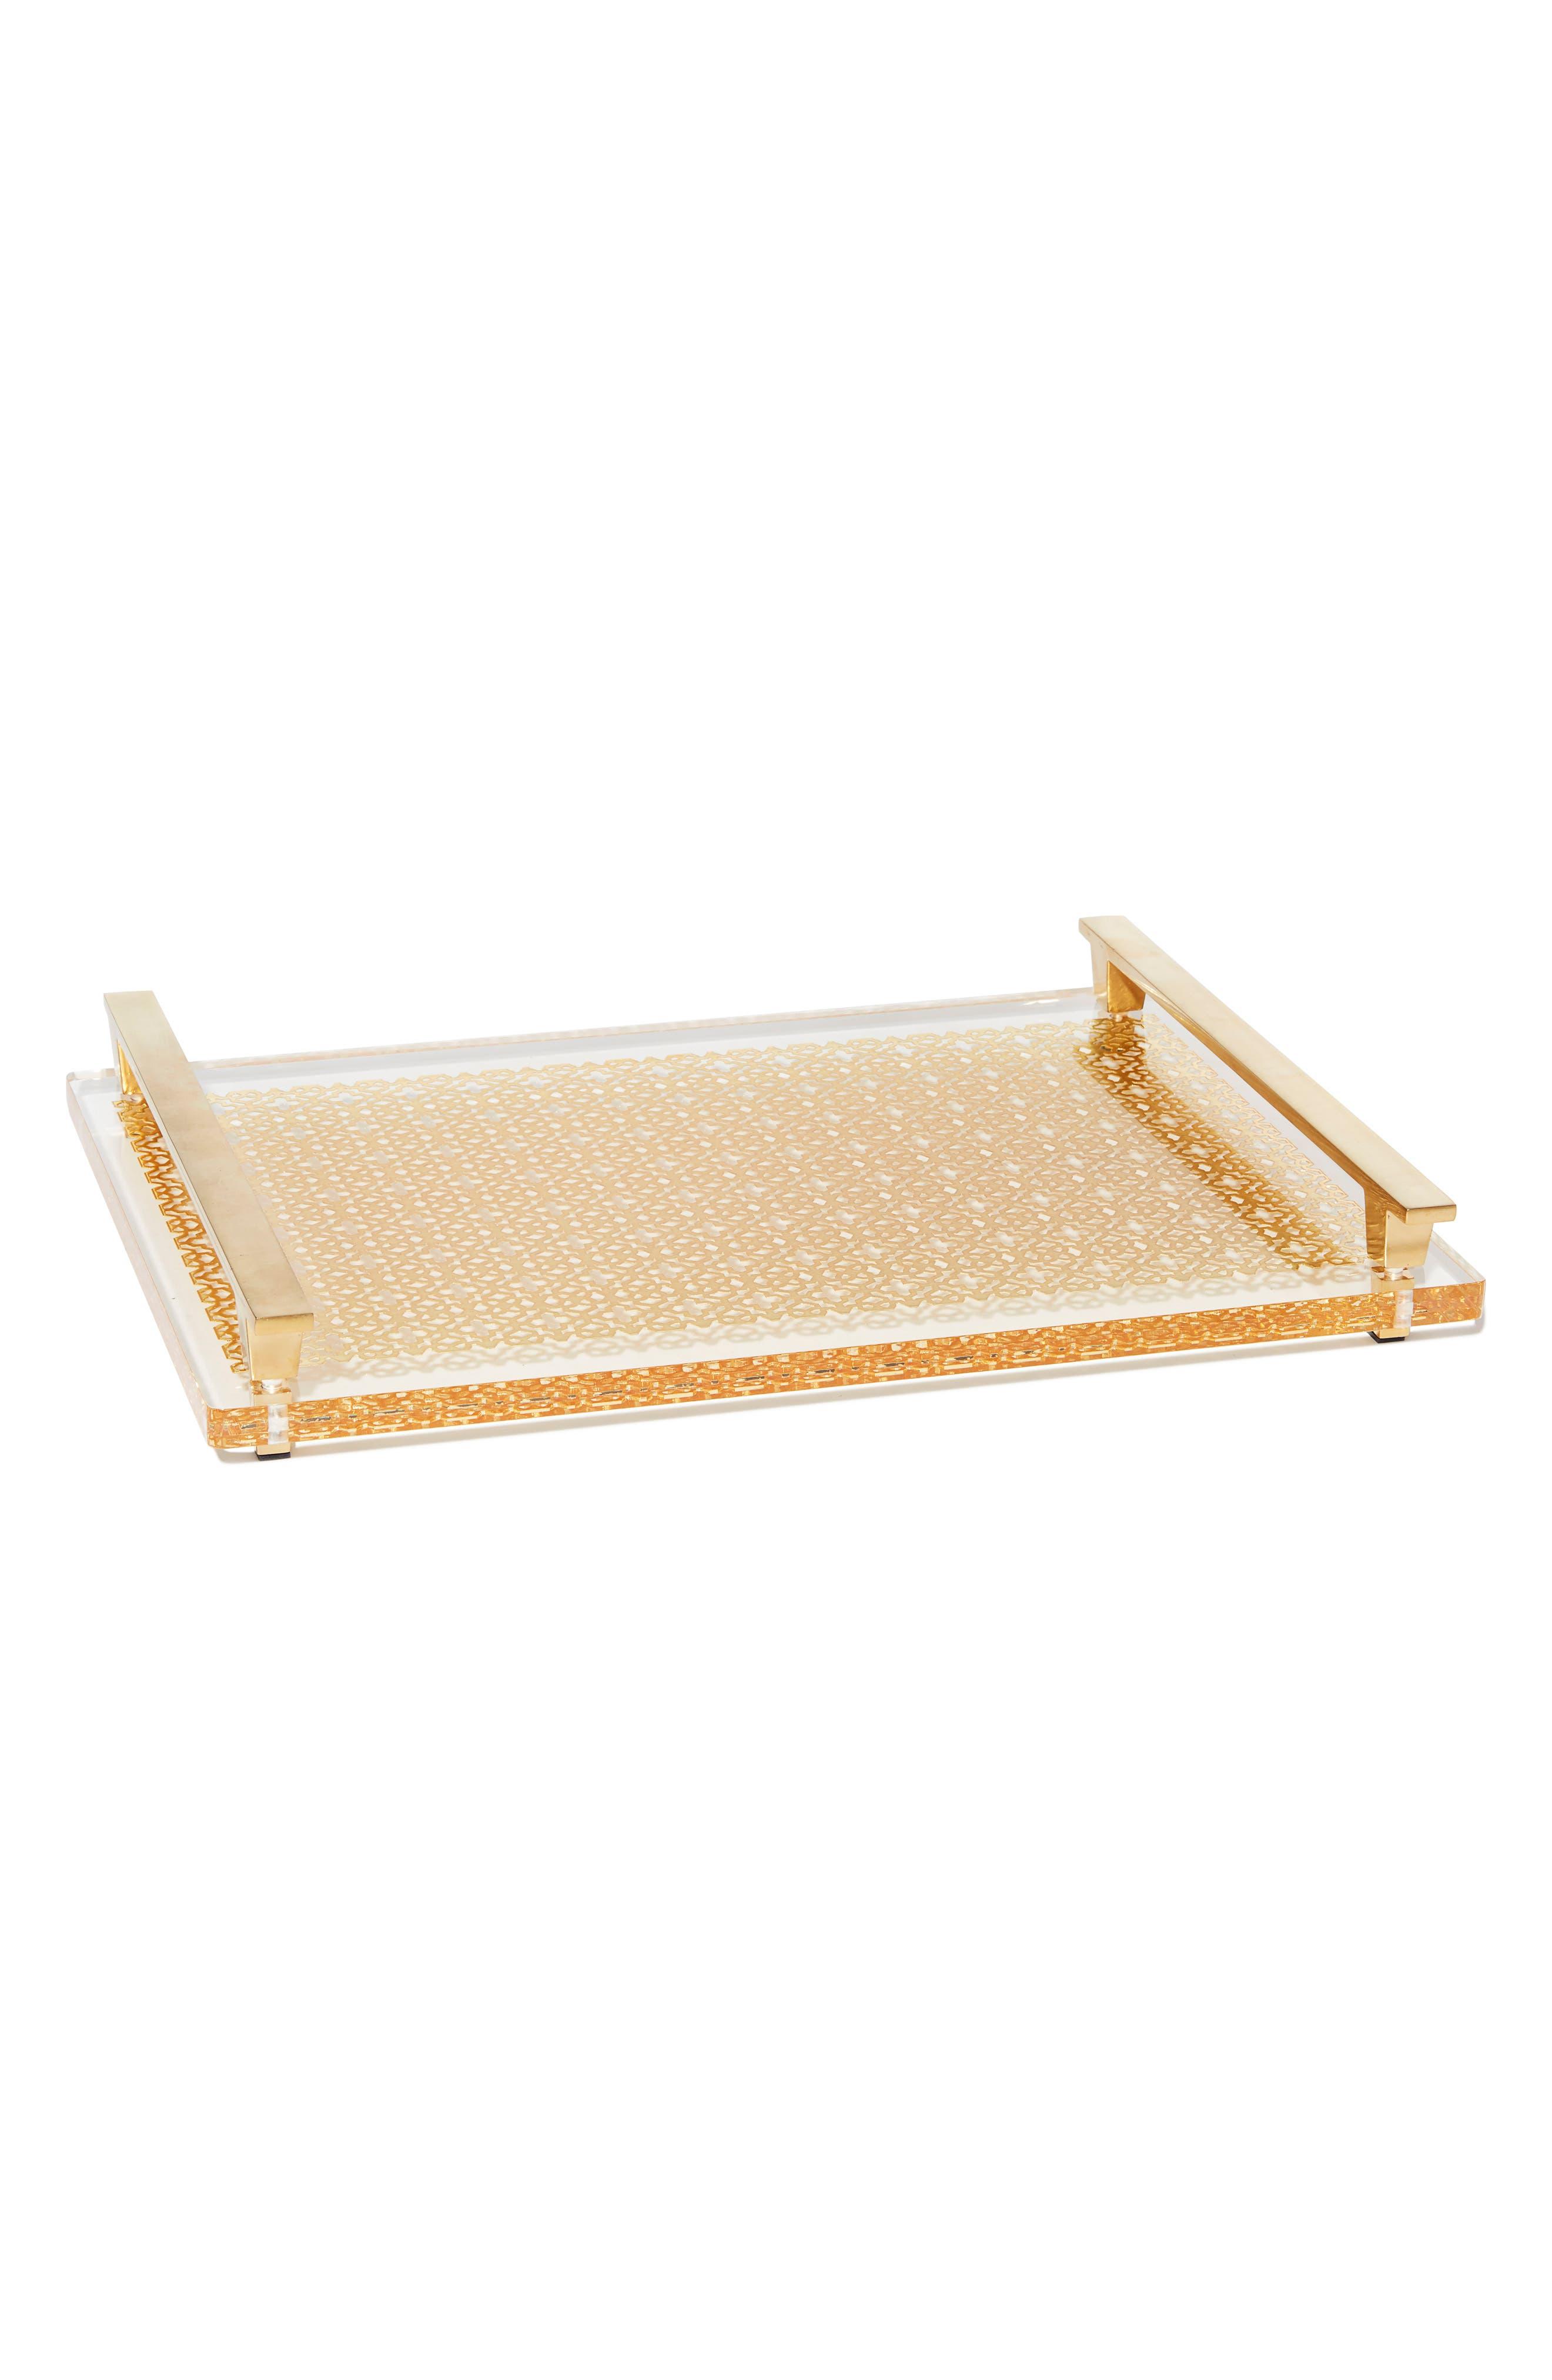 Kendra Scott Filigree Acrylic Tray